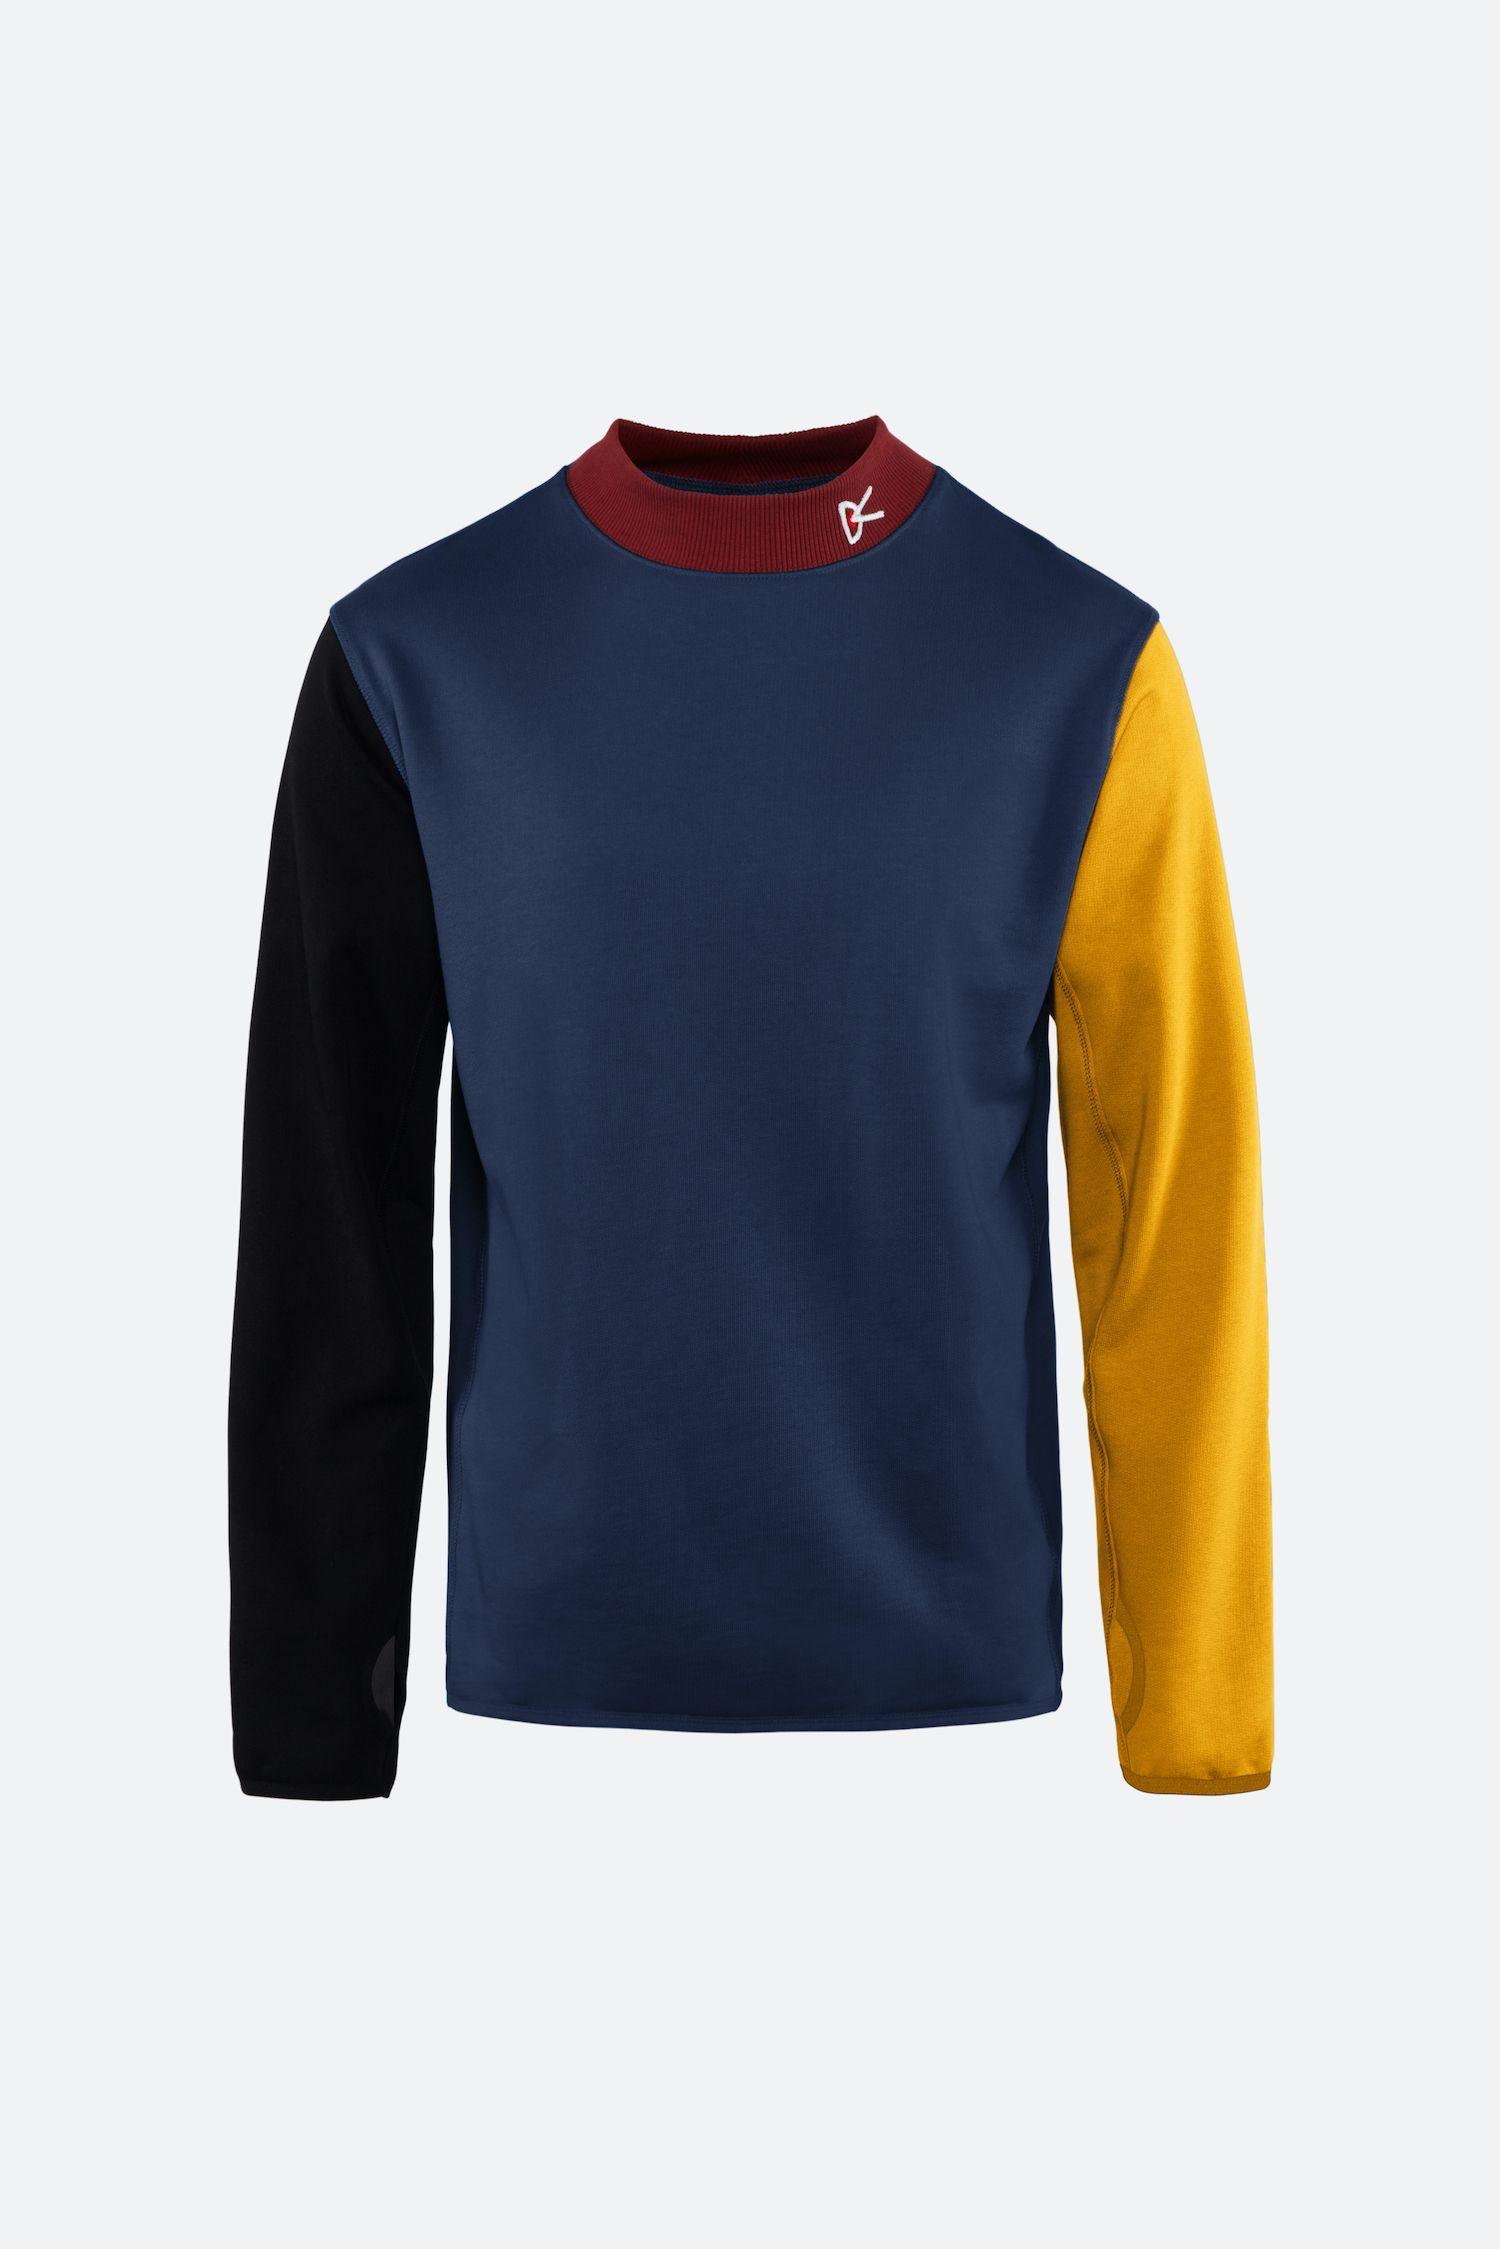 Hiei Mock Neck Sweatshirt, Mr. Porter